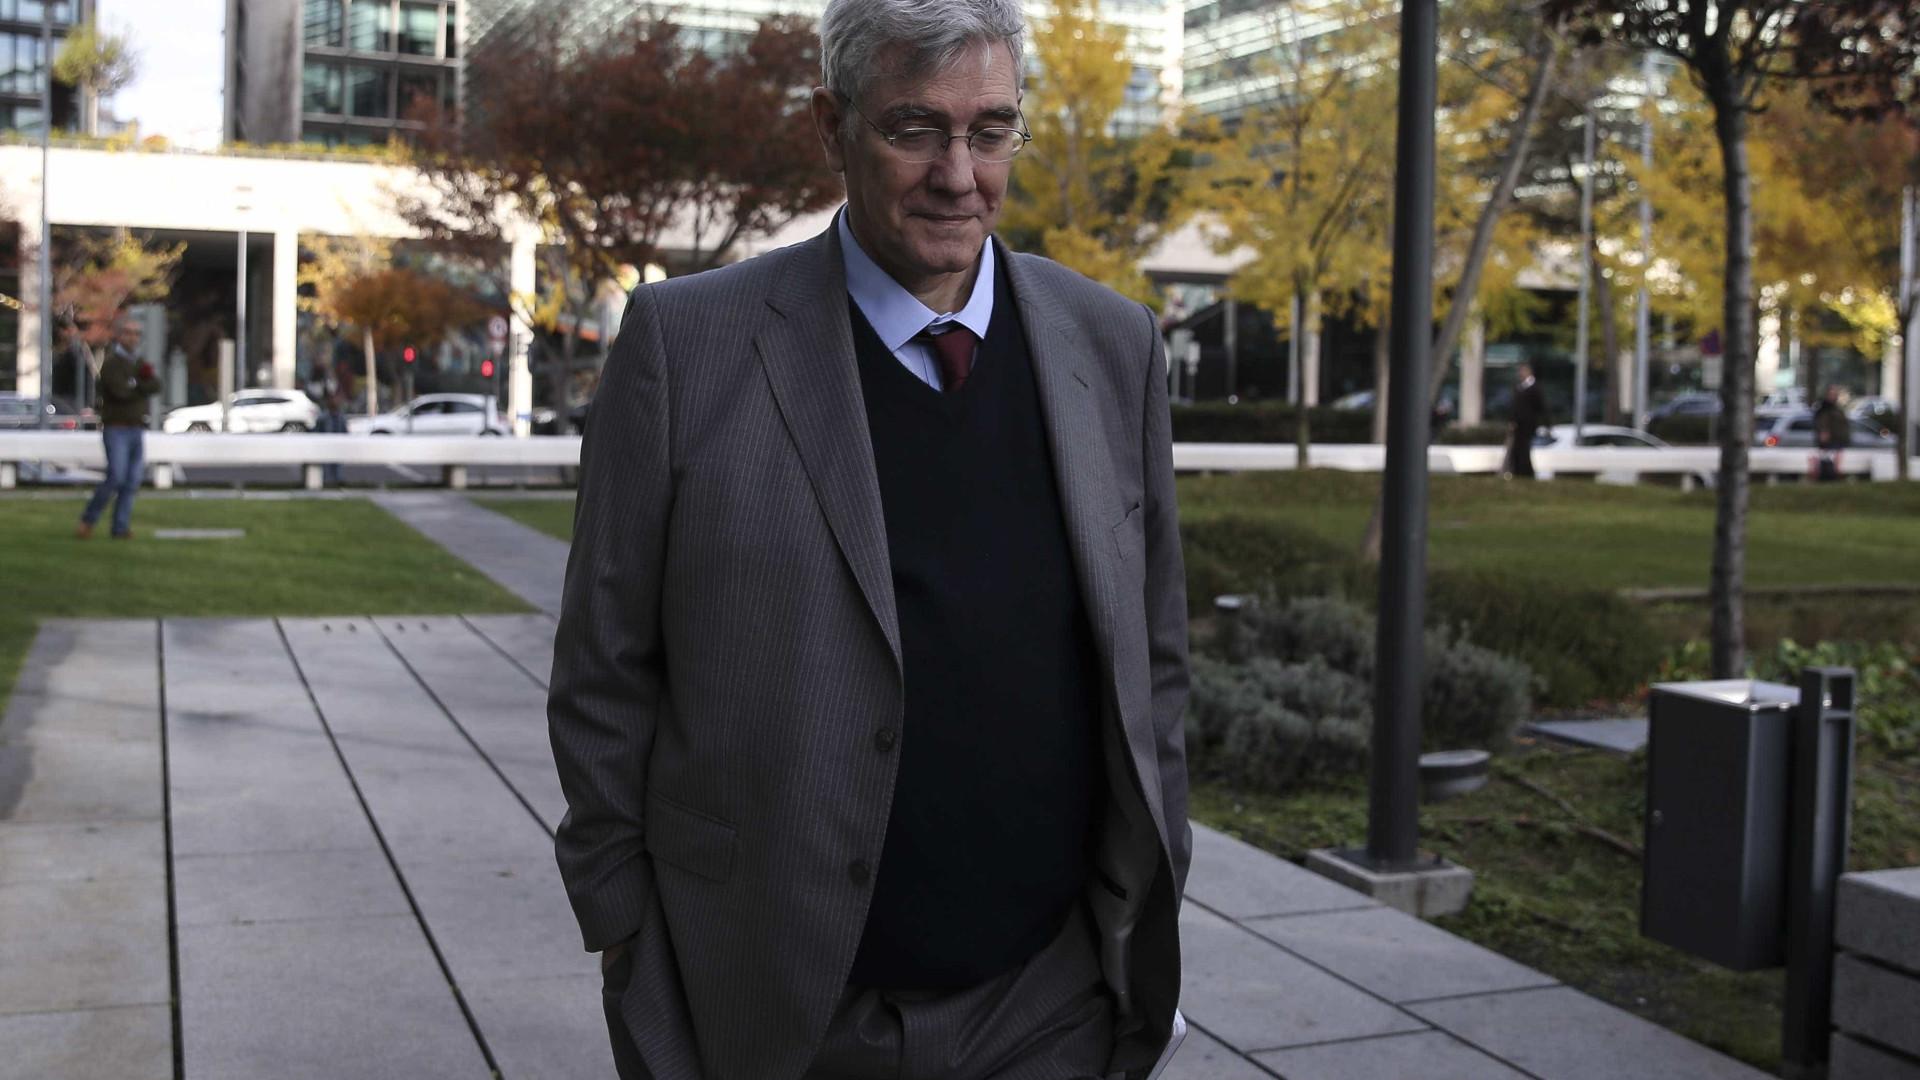 Ex-agente do SIS Carvalhão Gil condenado por espionagem